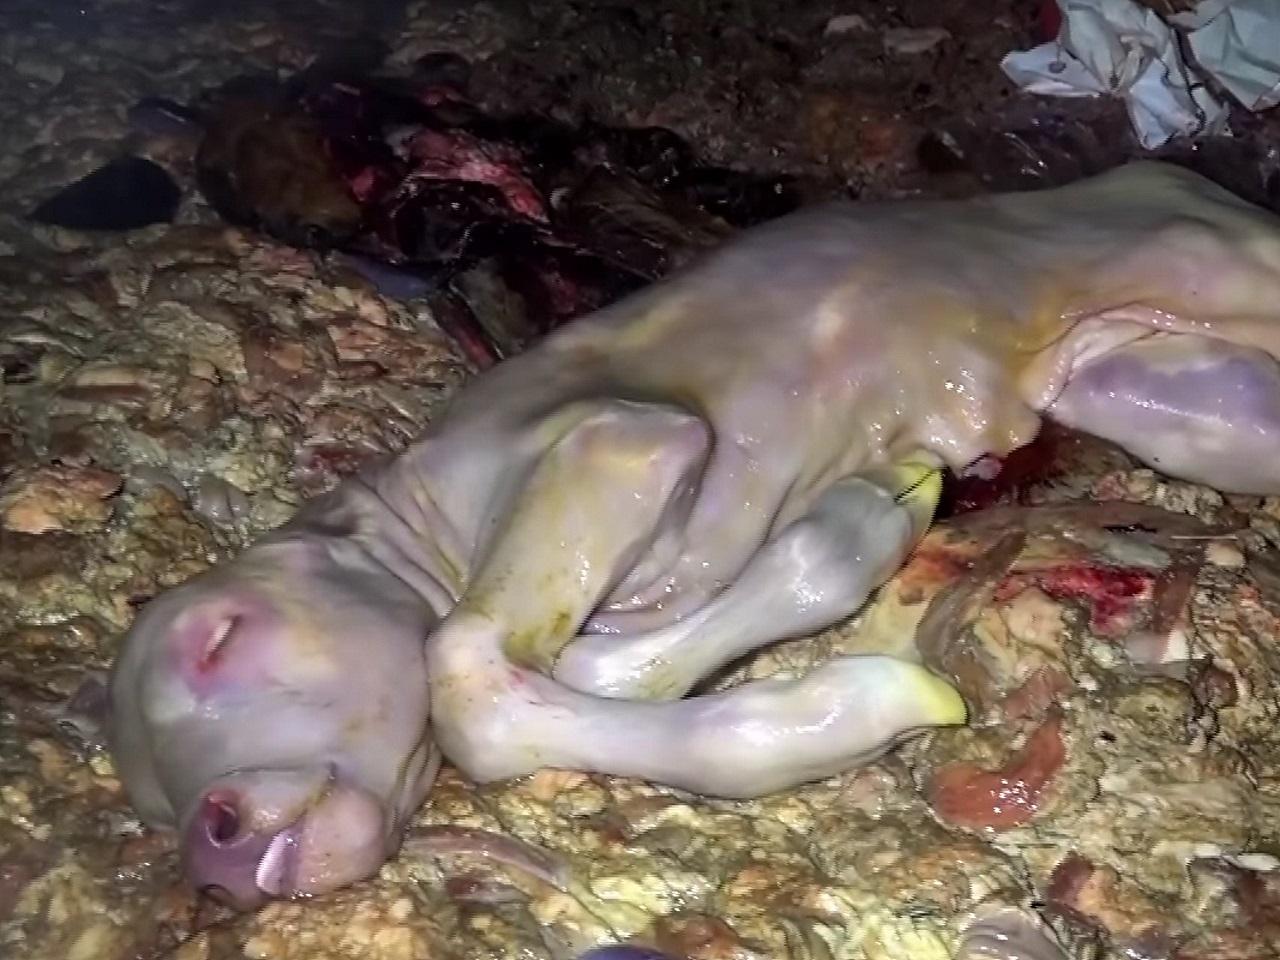 Les images insoutenables de vaches abattues avec leur foetus à Limoges — Abattoirs